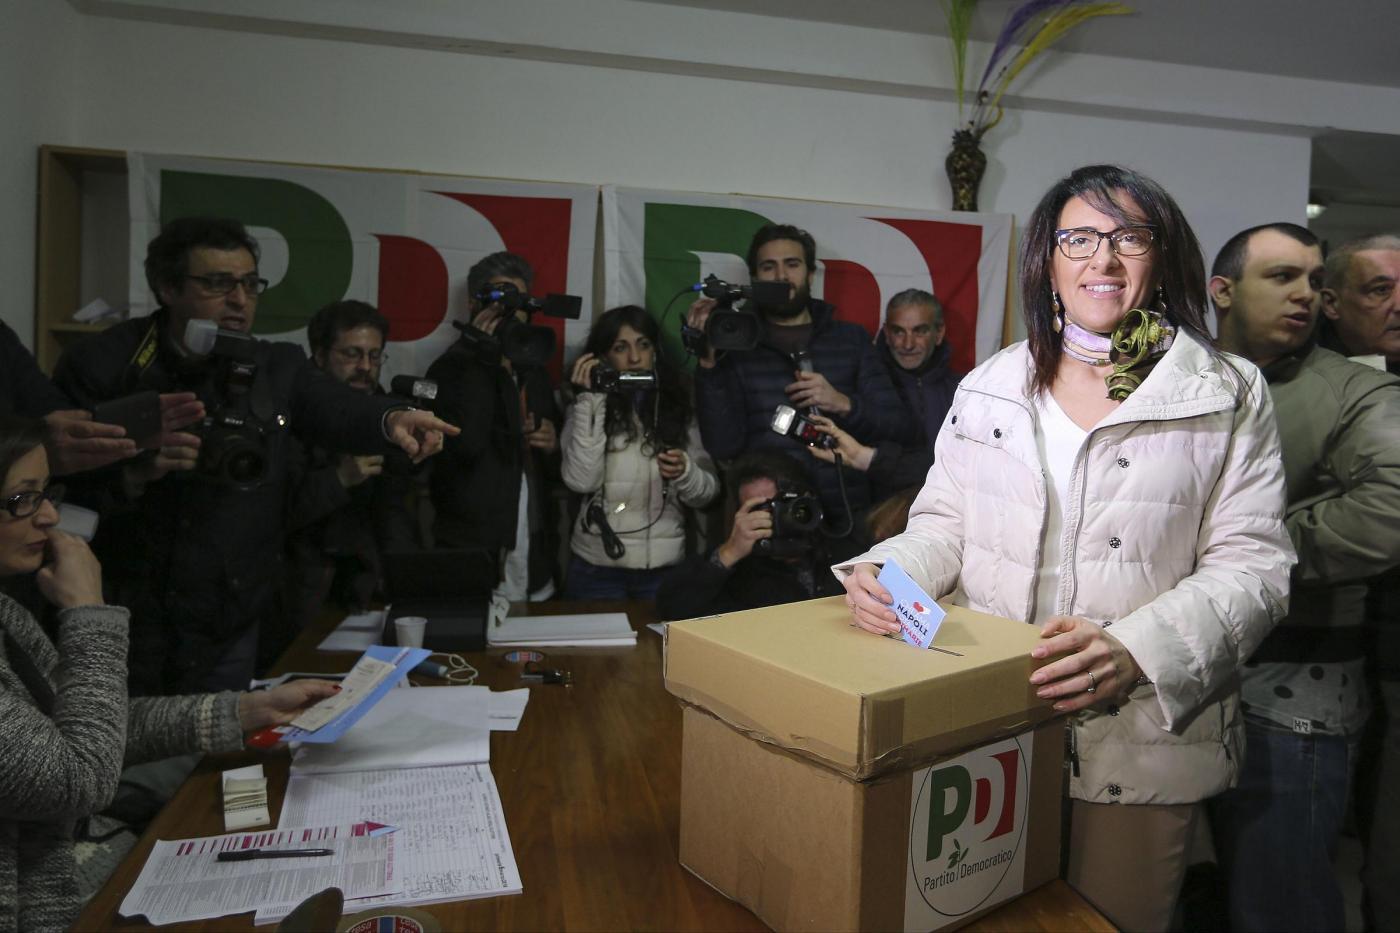 Primarie PD a Napoli, episodi sospetti ai seggi: anche Valeria Valente fa ricorso